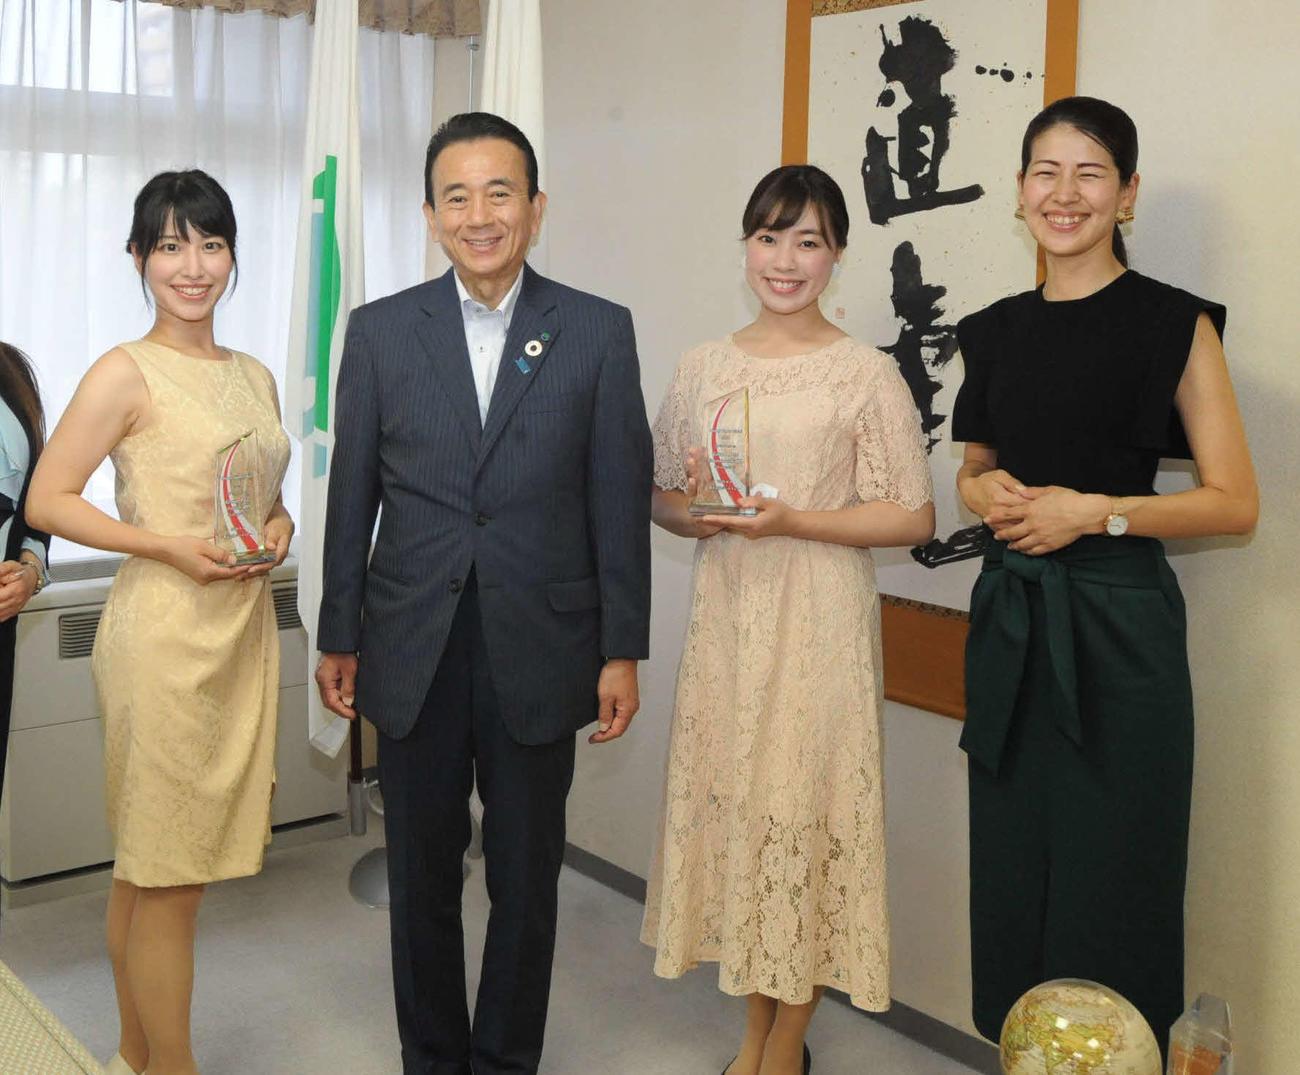 鈴木・浜松市長(中央左)を表敬訪問した、右から鈴木さん、高瀬さん、左端は平井さん